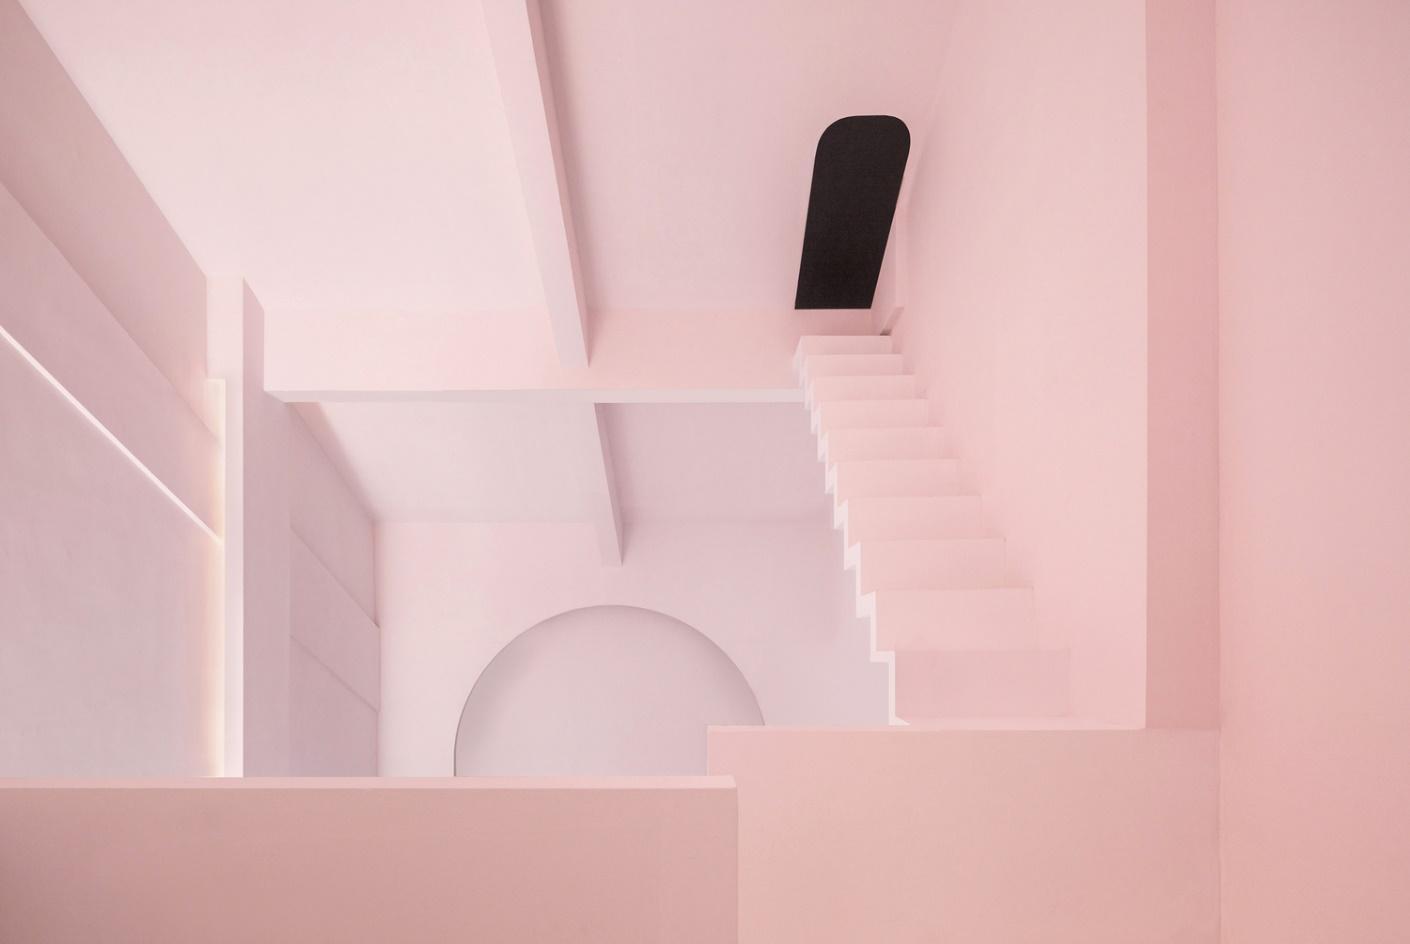 Những ô thoáng có hình cánh cửa khiến không gian càng thêm phần trừu tượng.